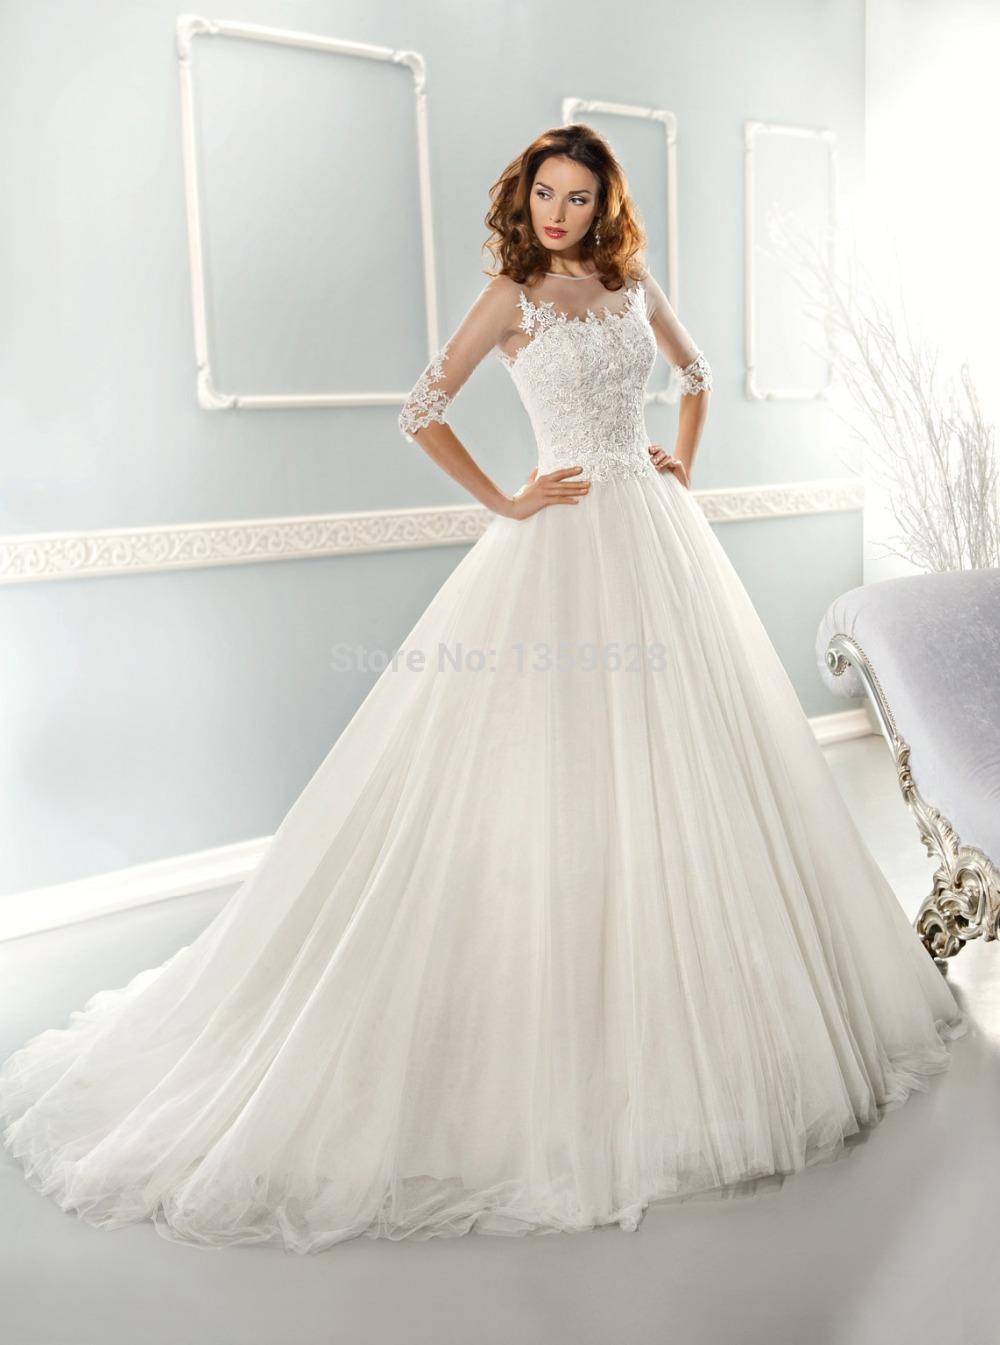 Top Luxury Wedding Dress : Top v back wedding dress designer dresses in